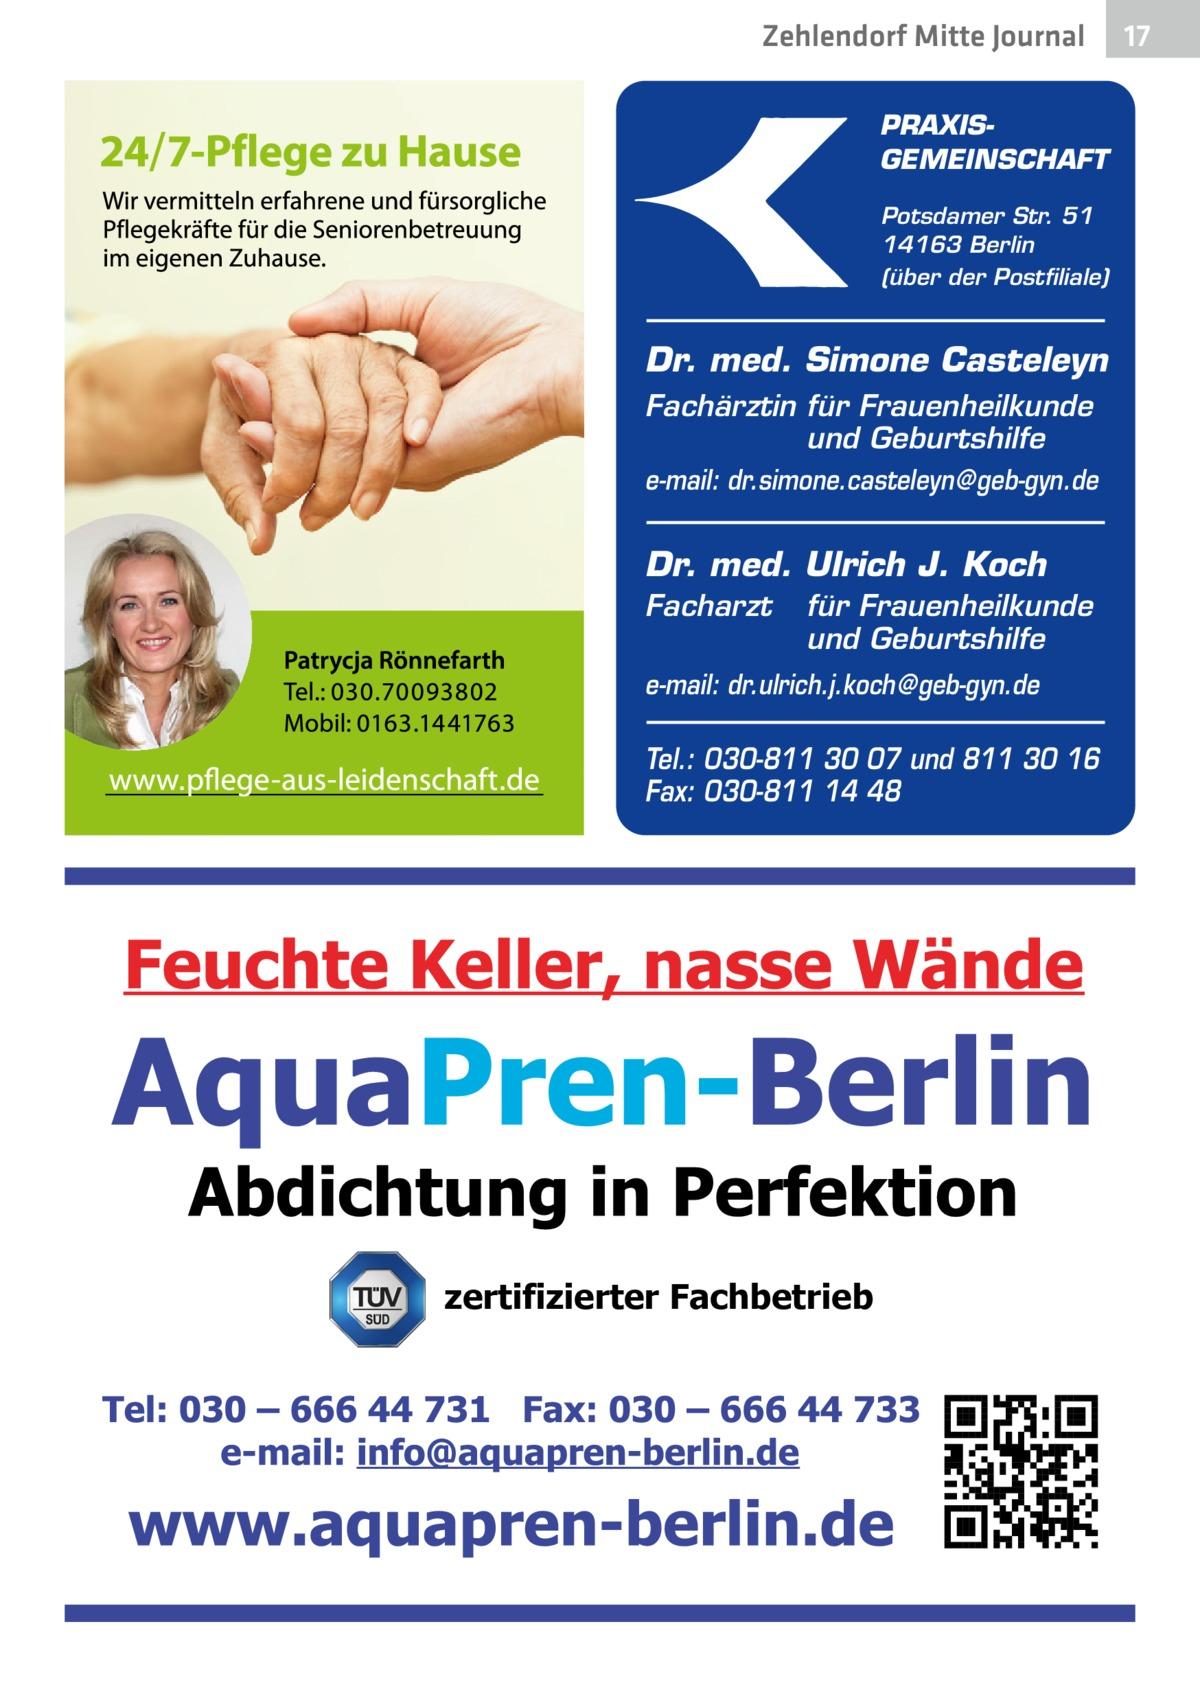 Zehlendorf Mitte Gesundheit Journal PRAXISGEMEINSCHAFT Potsdamer Str. 51 14163 Berlin (über der Postfiliale)  Dr. med. Simone Casteleyn Fachärztin für Frauenheilkunde und Geburtshilfe e-mail: dr.simone.casteleyn@geb-gyn.de  Dr. med. Ulrich J. Koch Facharzt  für Frauenheilkunde und Geburtshilfe  e-mail: dr.ulrich.j.koch@geb-gyn.de  Tel.: 030-811 30 07 und 811 30 16 Fax: 030-811 14 48  zertifizierter Fachbetrieb  17